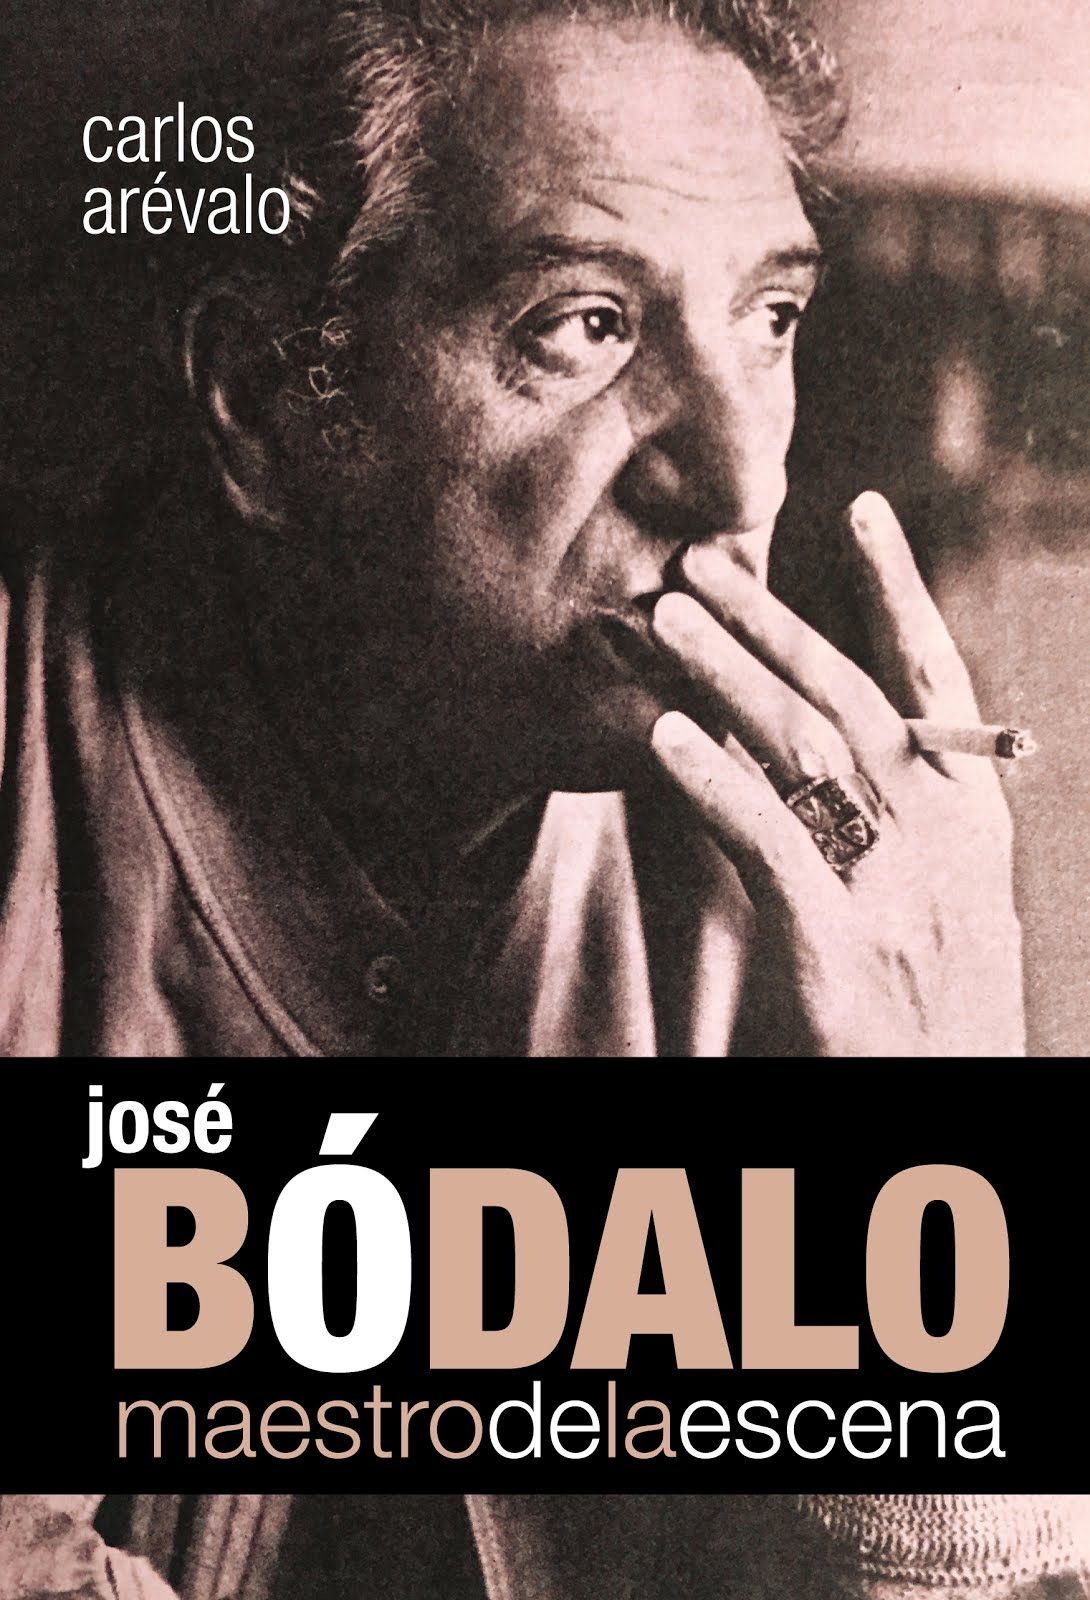 Biografía de José Bódalo